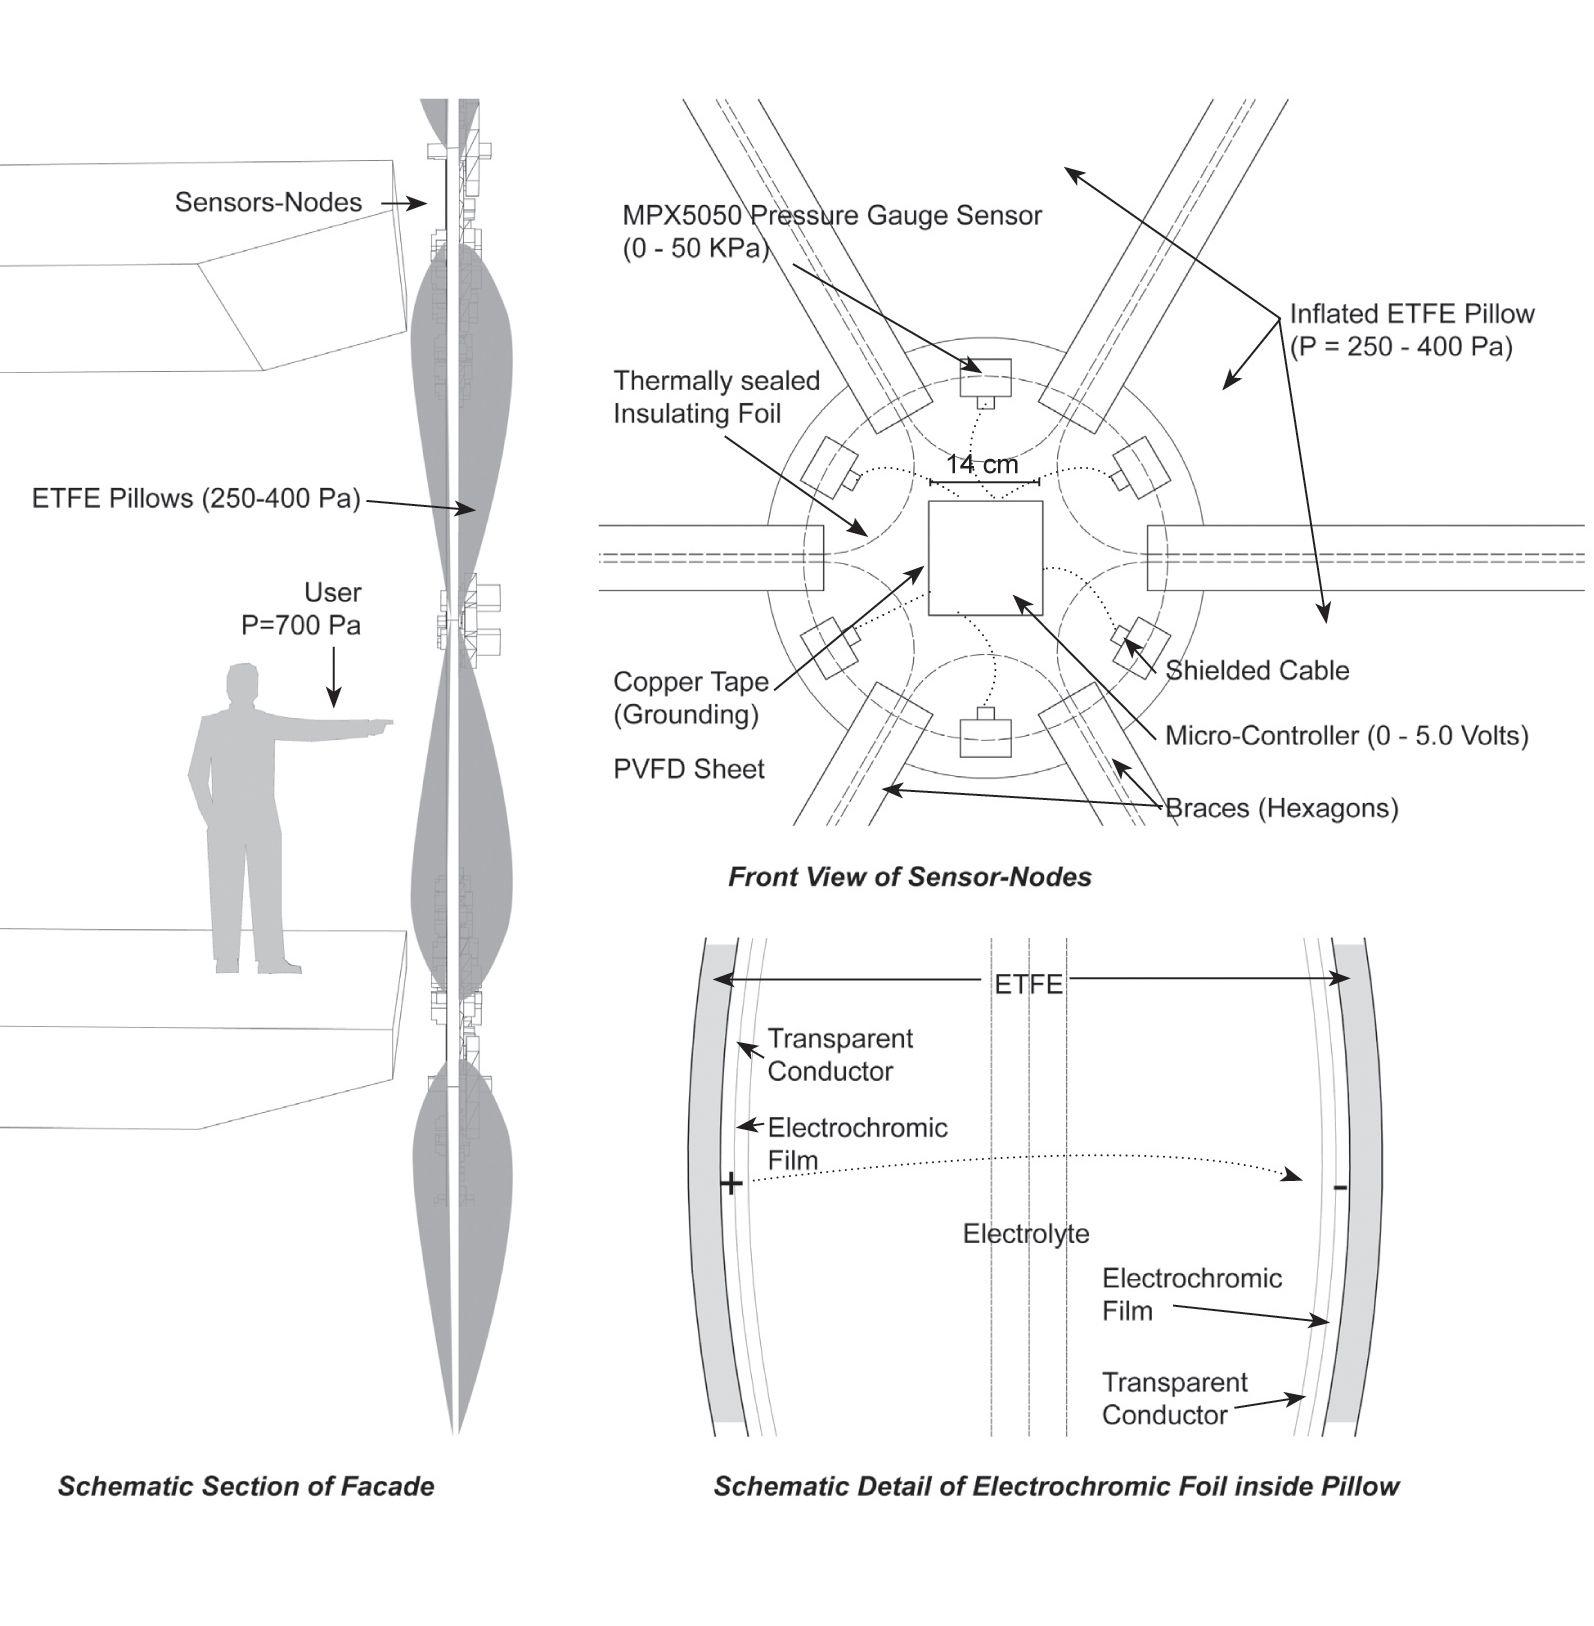 Daniel Cardoso Llach Membrane Structure Facade Architecture Facade Design